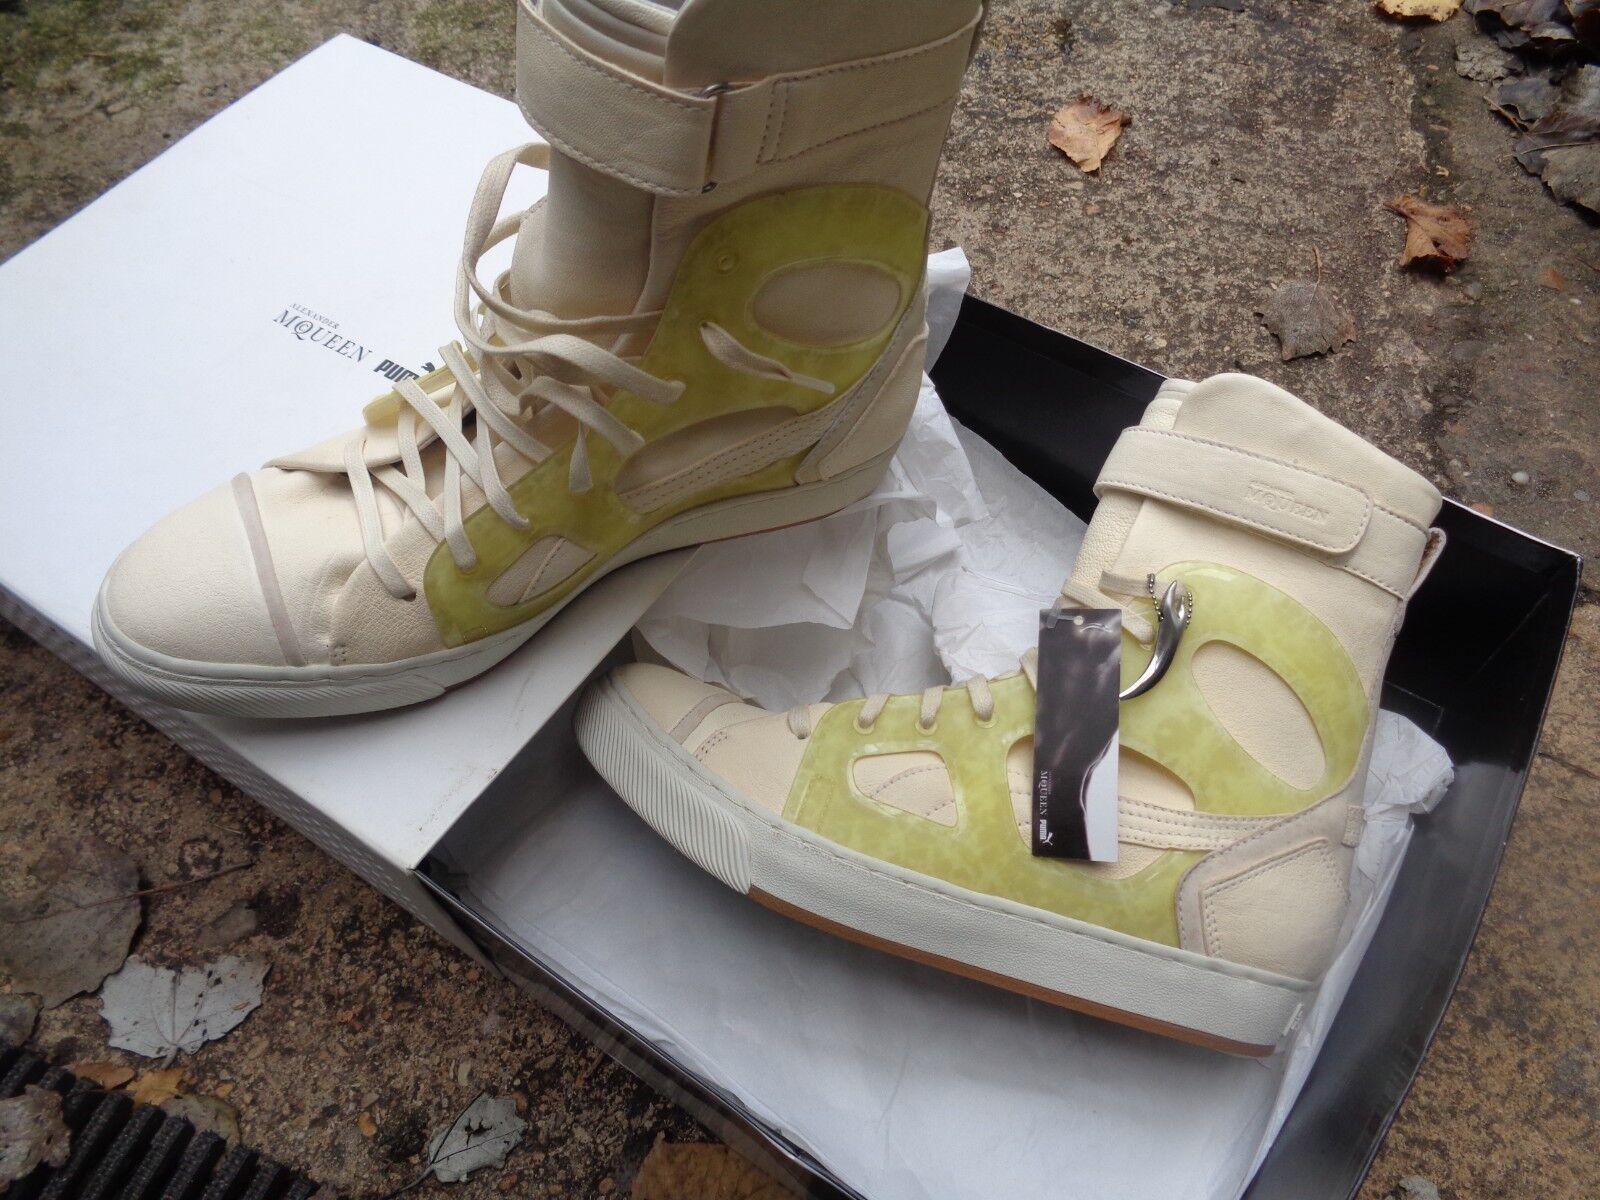 Zapatillas Alexander McQueen para Puma blancoo blancoo blancoo Nuevo en Caja eu40 uk6.5 us9  nueva gama alta exclusiva